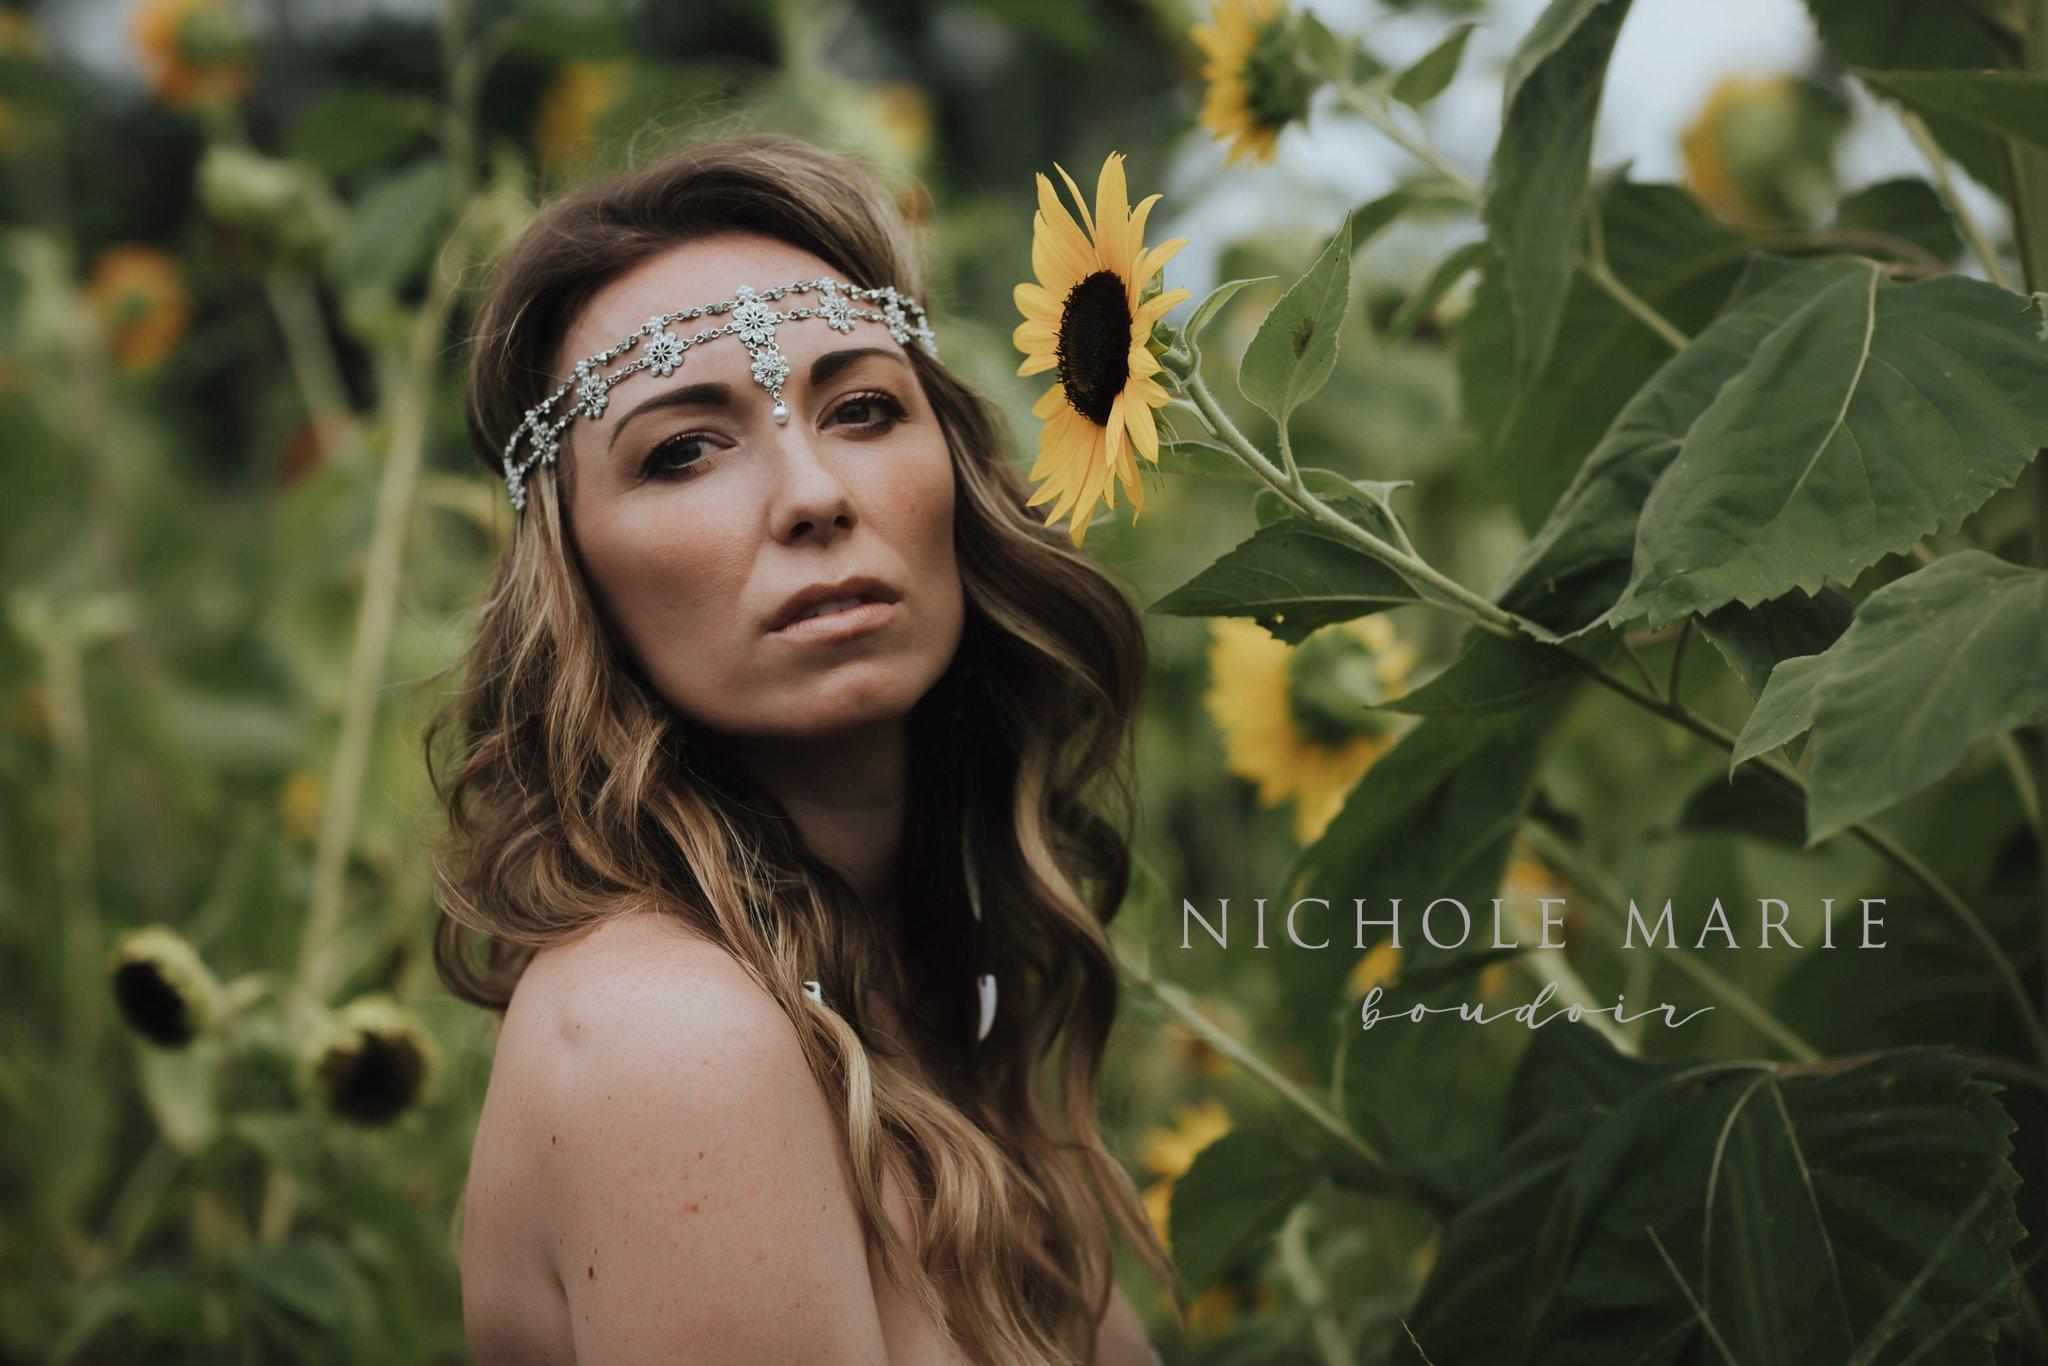 SEBASTIAN FLORIDA BOUDOIR PHOTOGRAPHER | NICHOLE MARIE BOUDOIR_0466.jpg